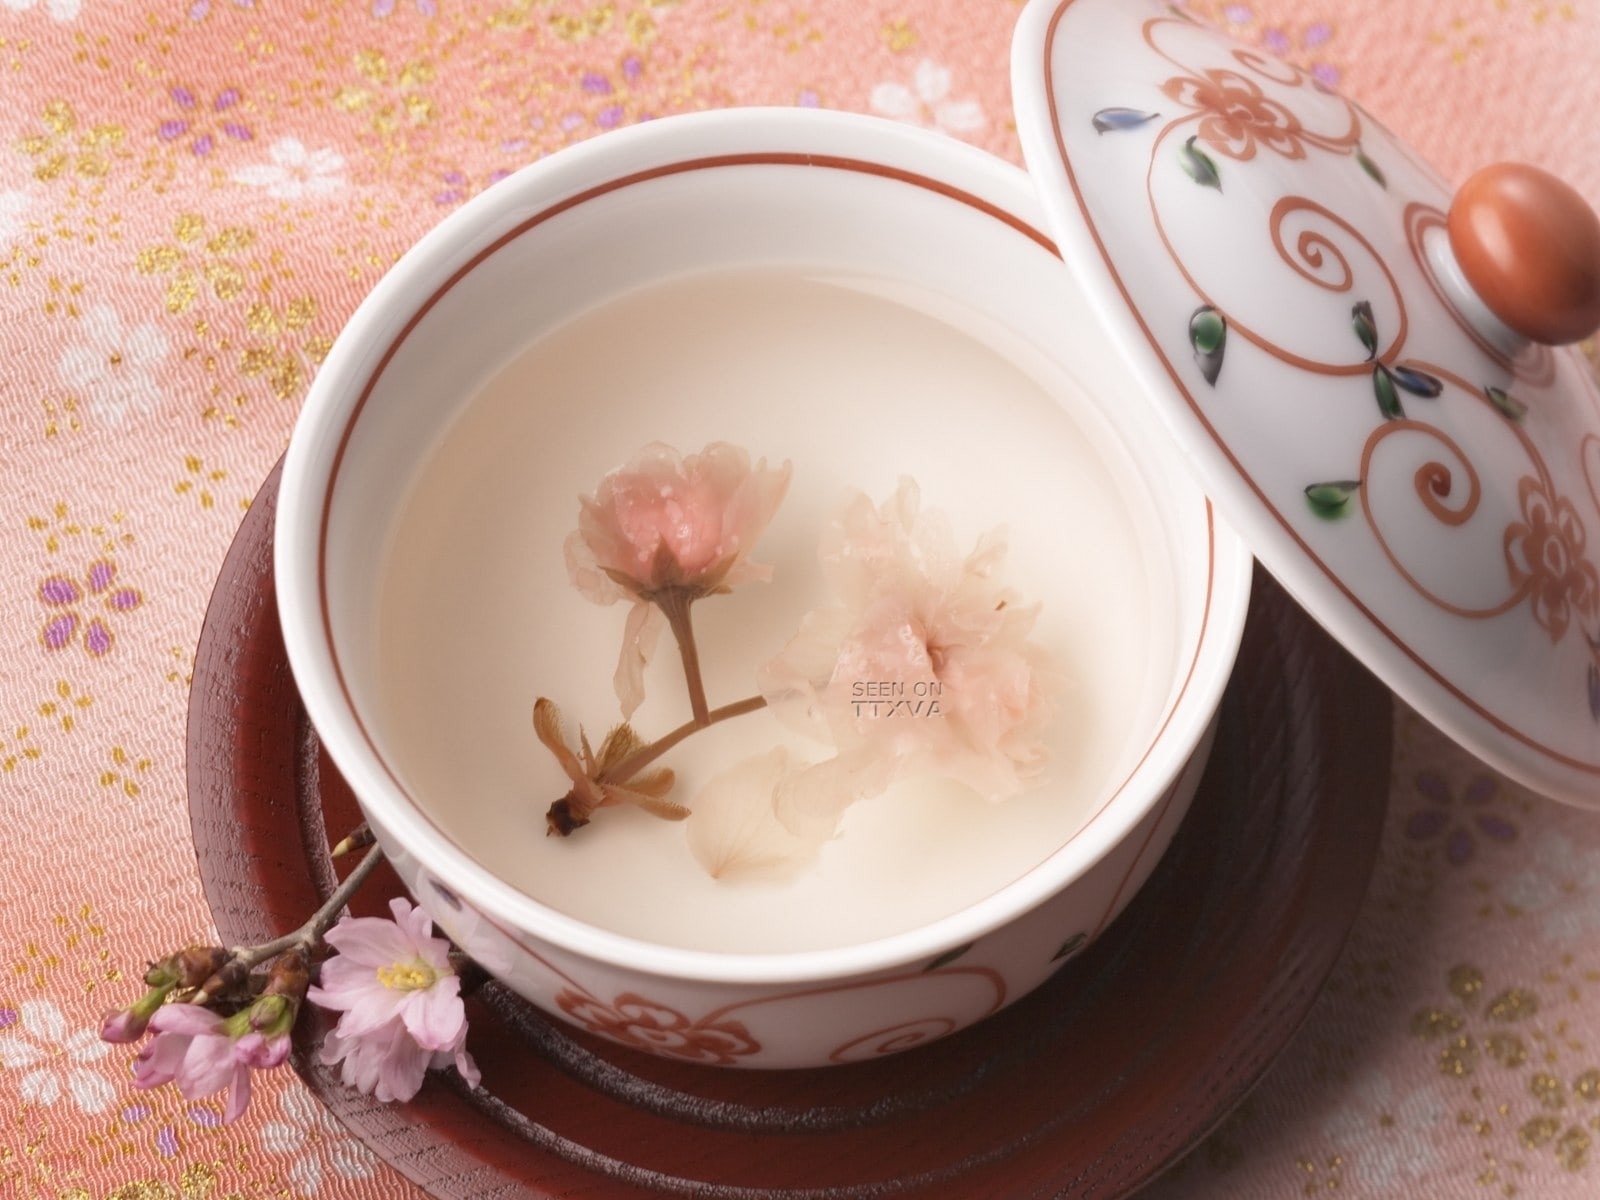 Khám phá những món ăn được chế biến từ cánh hoa anh đào